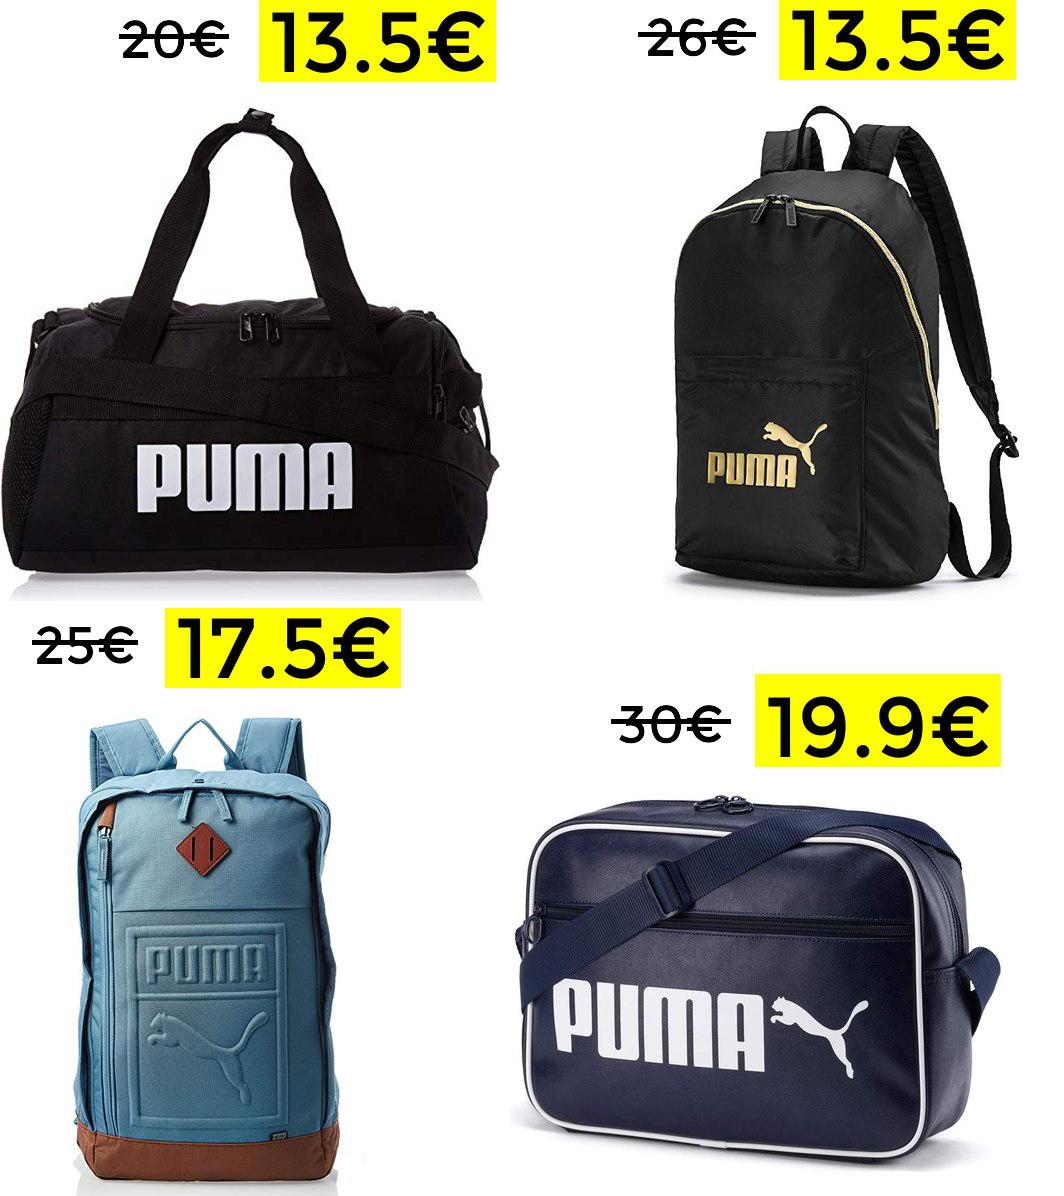 Descuentazos en complementos Puma